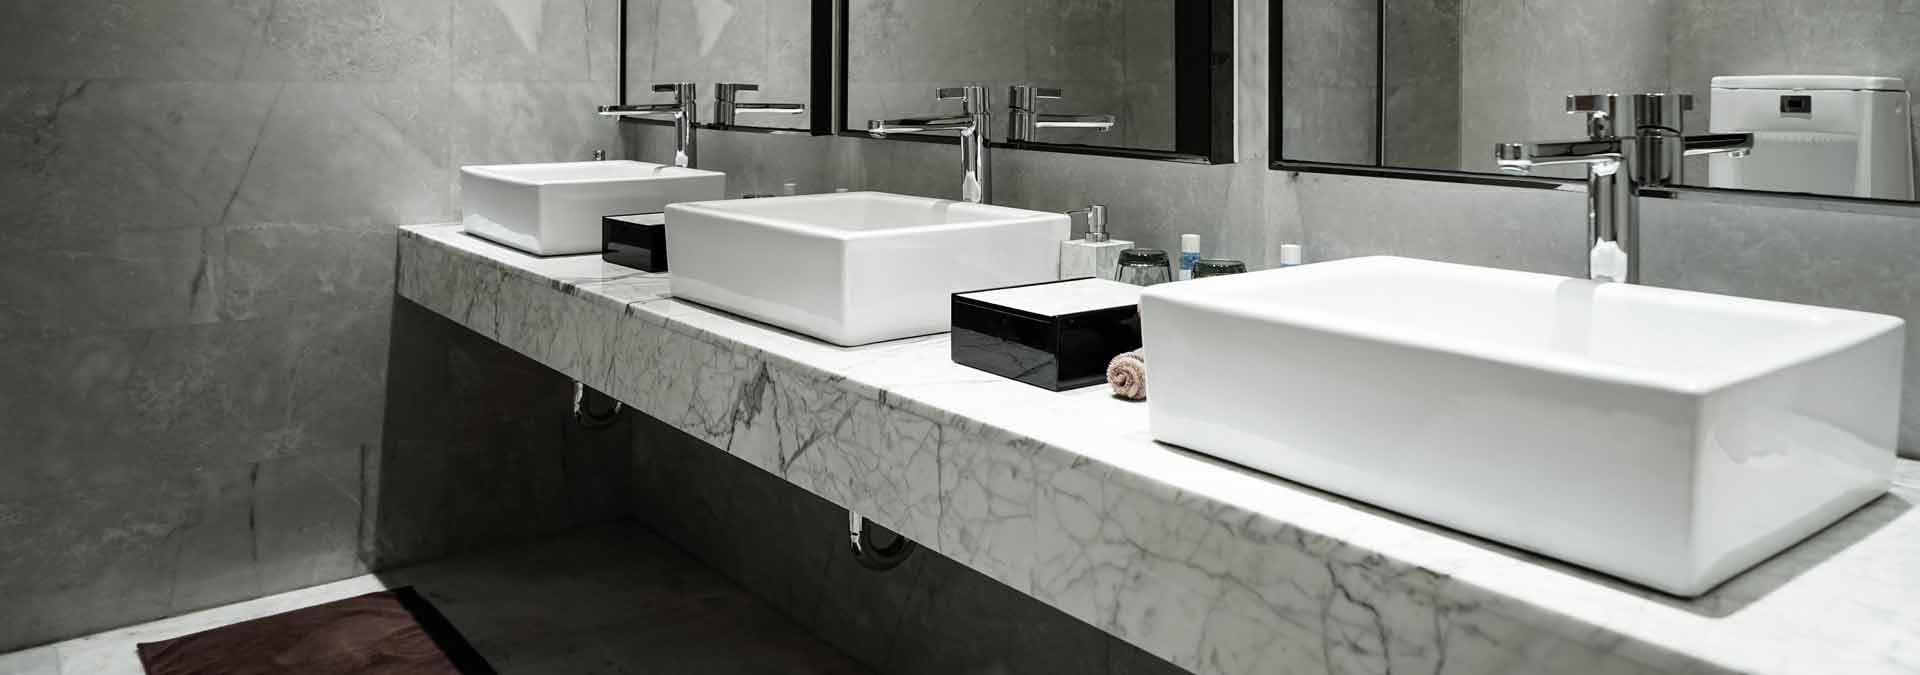 Modelli di bagno elegant fresco bellissima modelli di for Modelli bagni